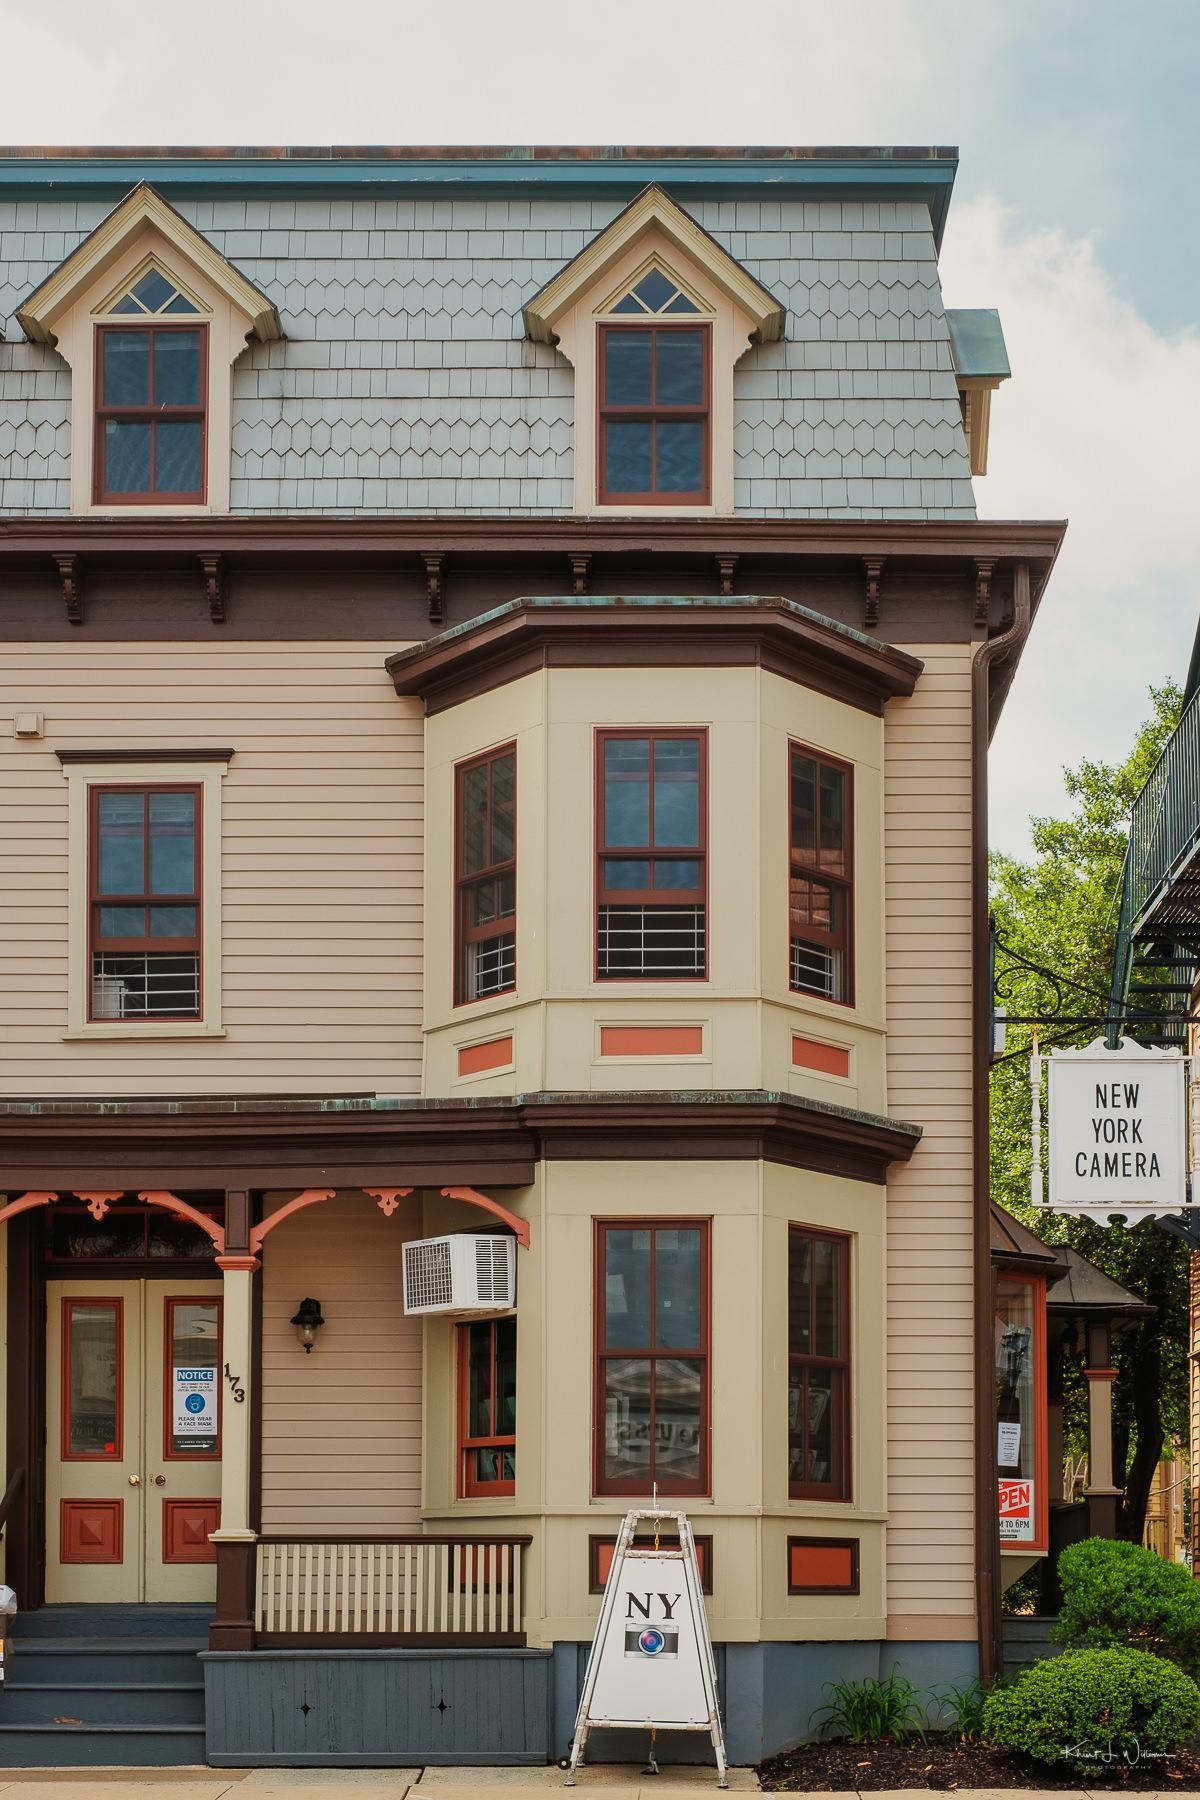 New York Camera of Princeton